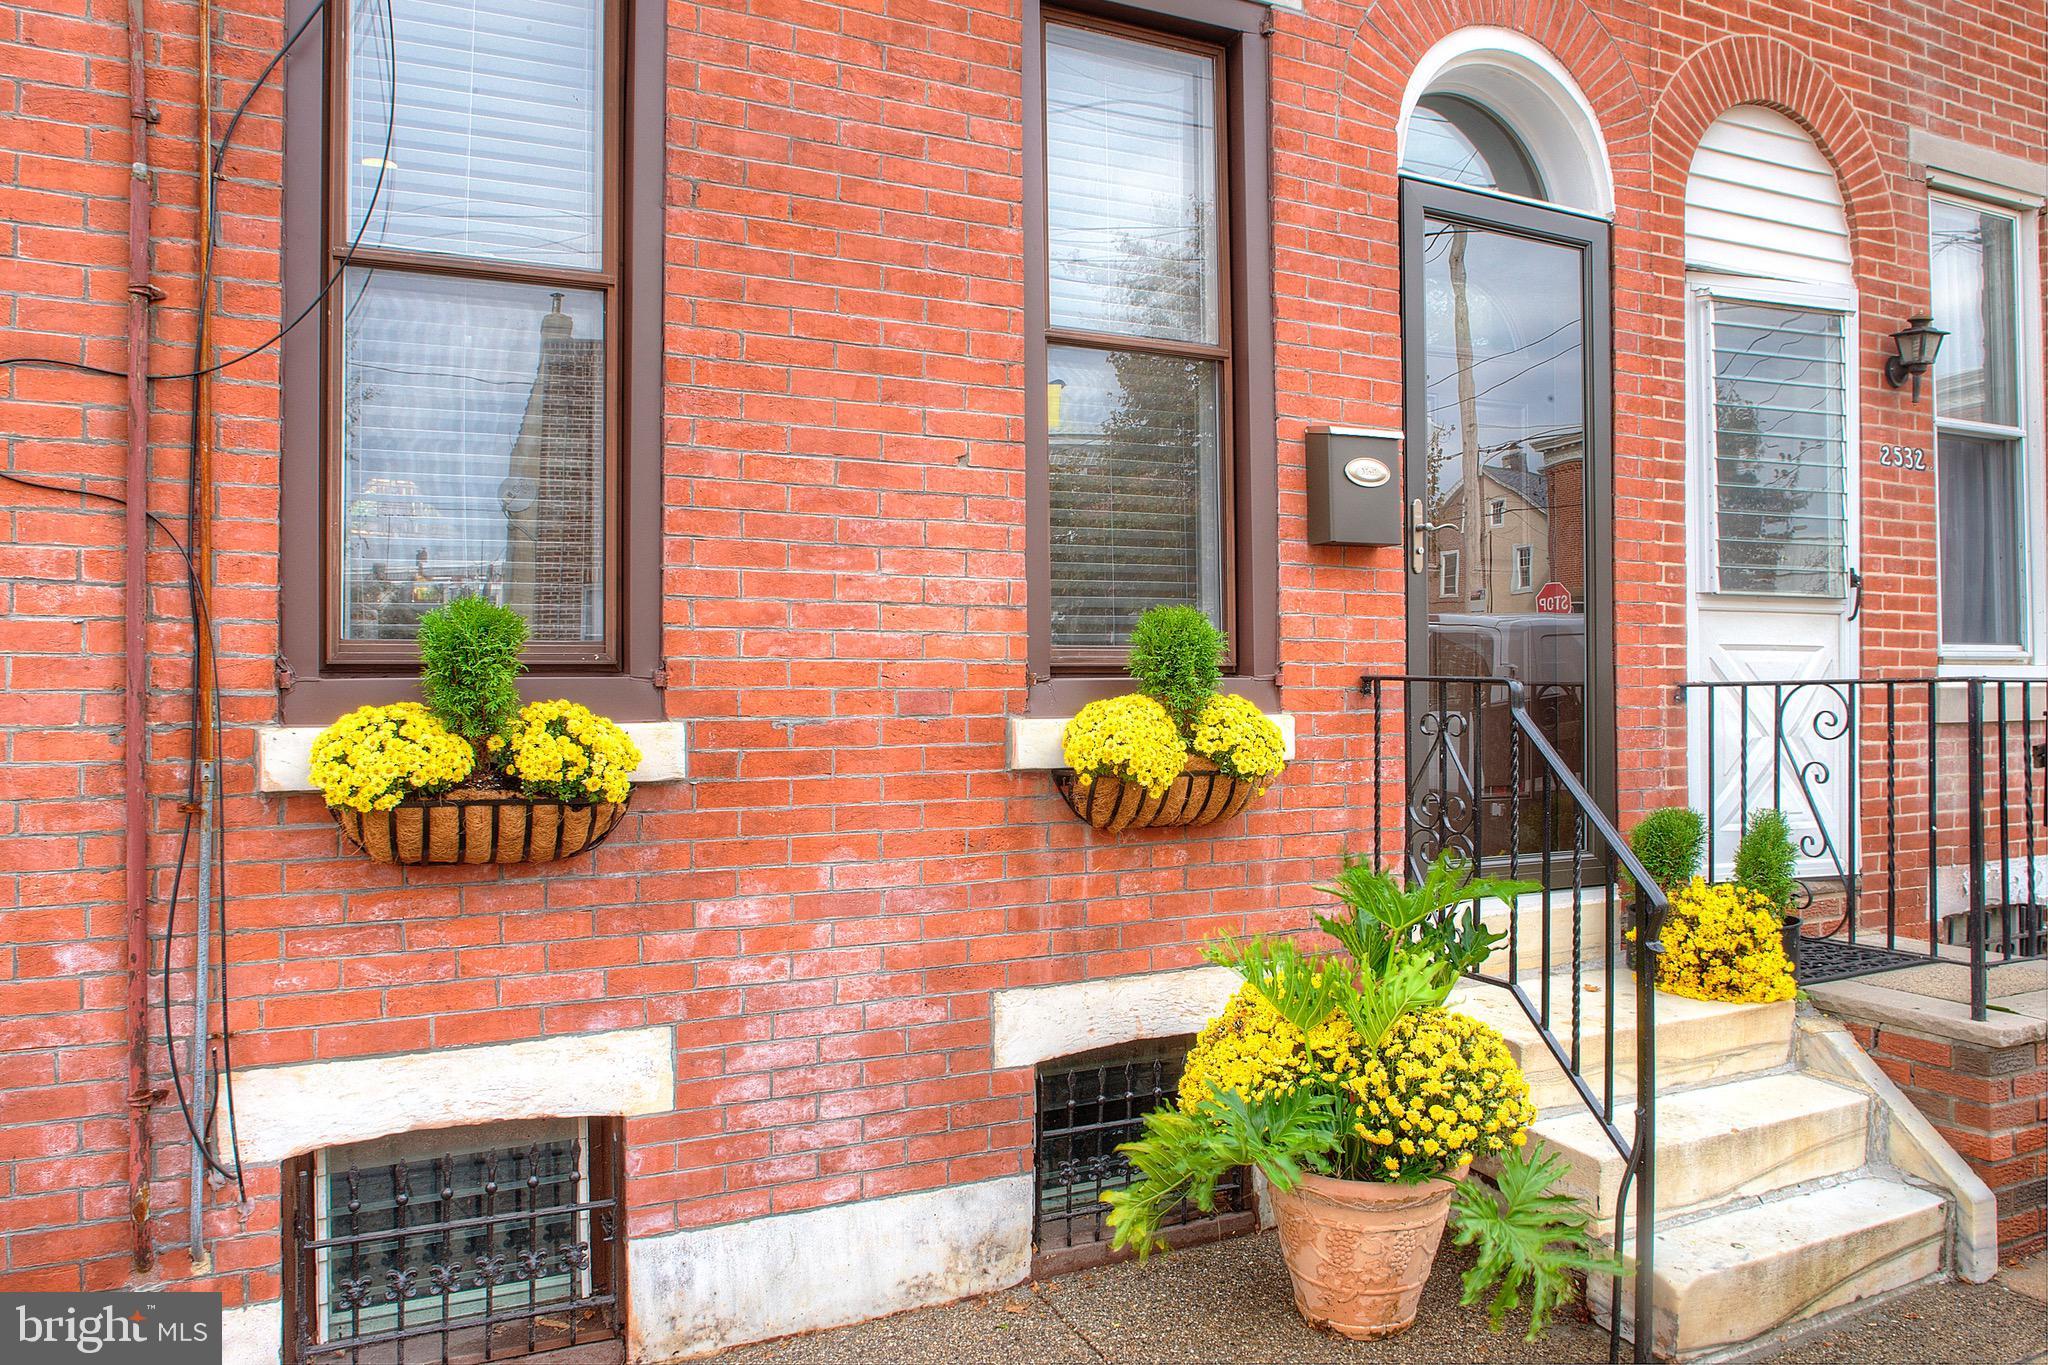 2534 E NORRIS St, Philadelphia, PA, 19125